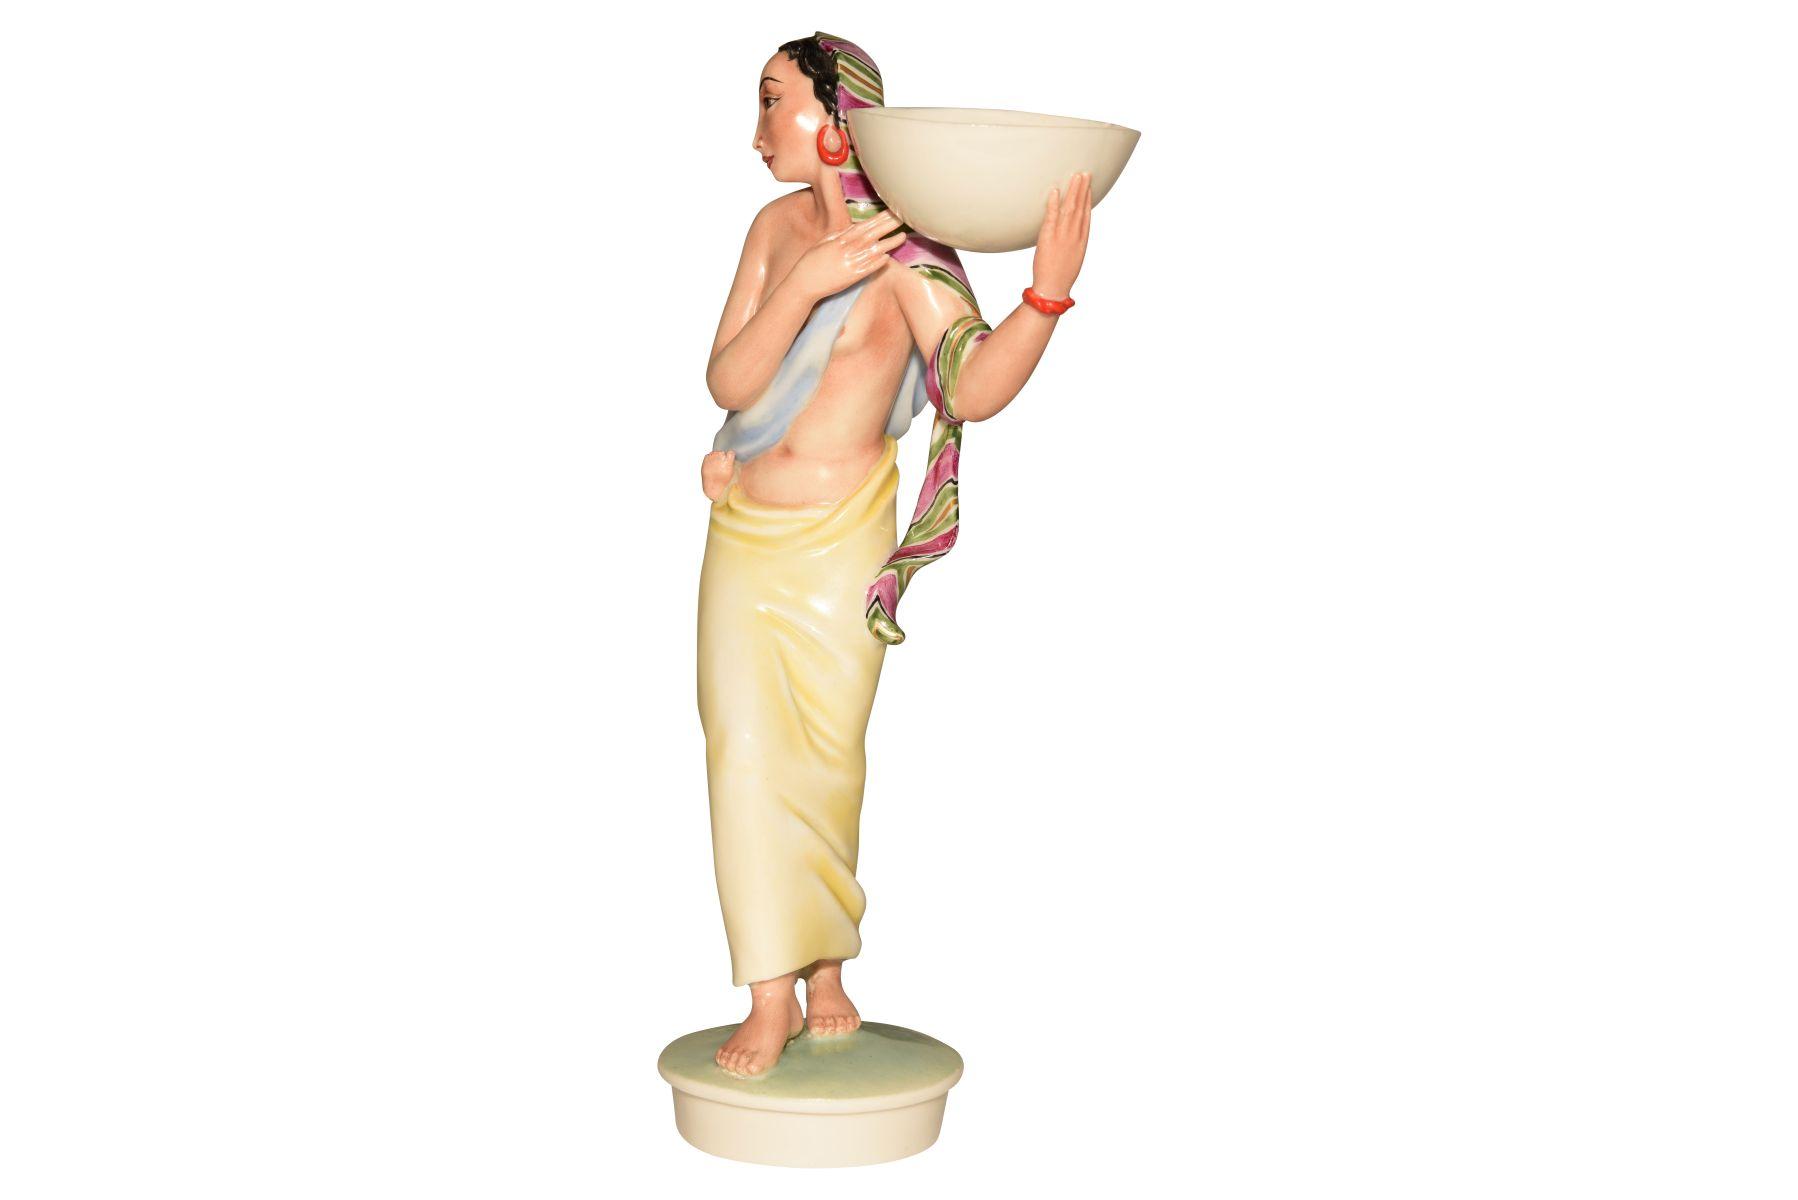 Ägypterin mit Kind und Schale, Augarten - Bild 4 aus 5